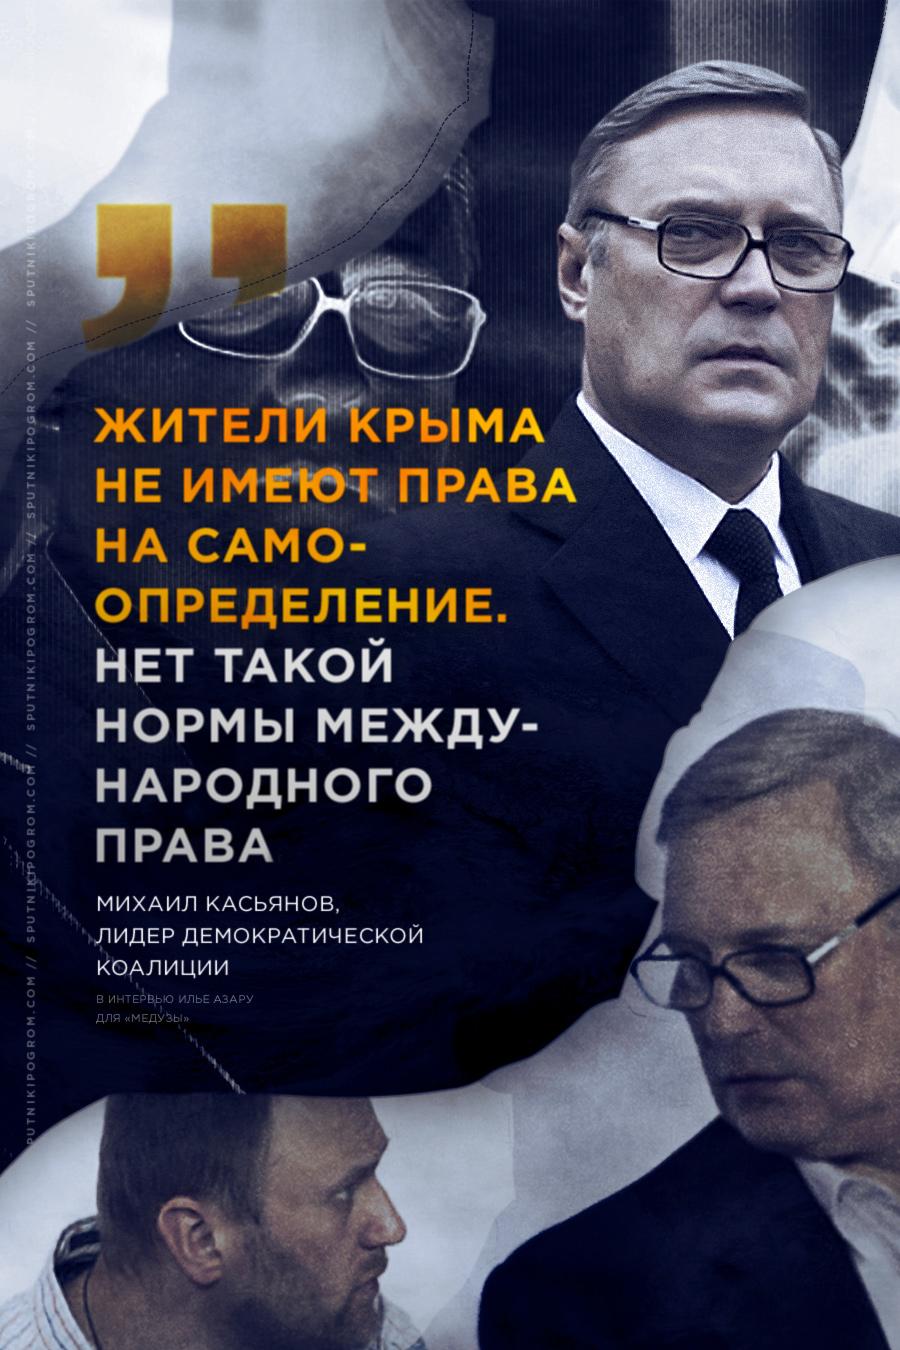 kas-poster-v2